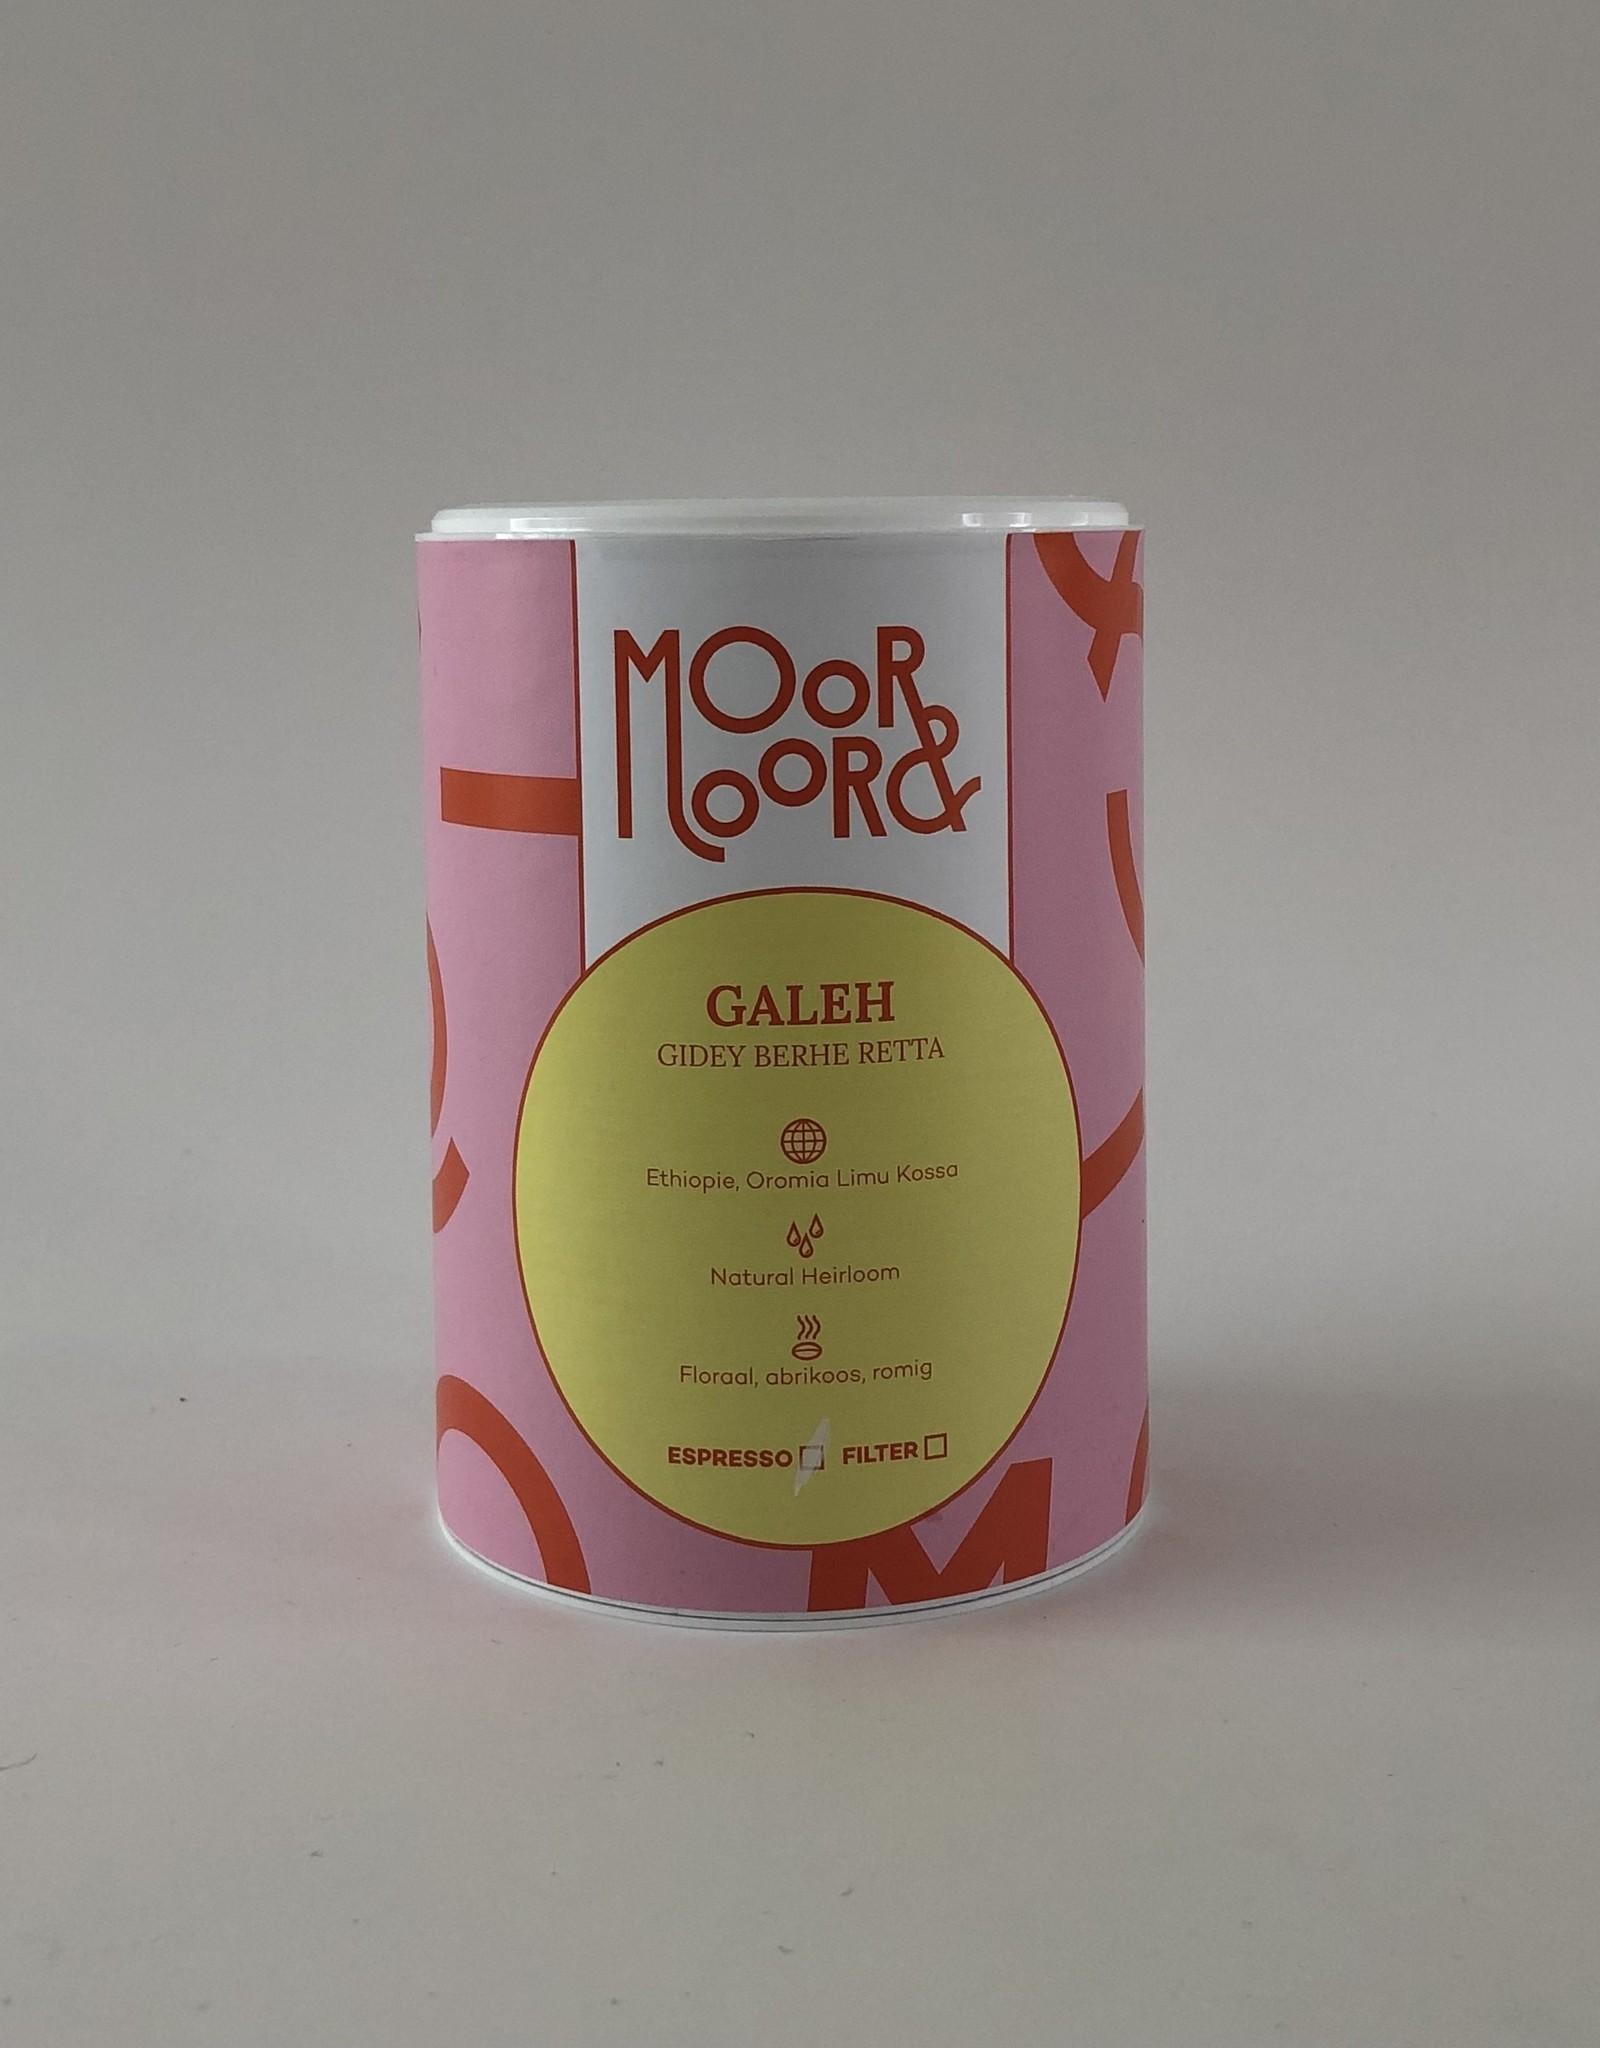 Galeh